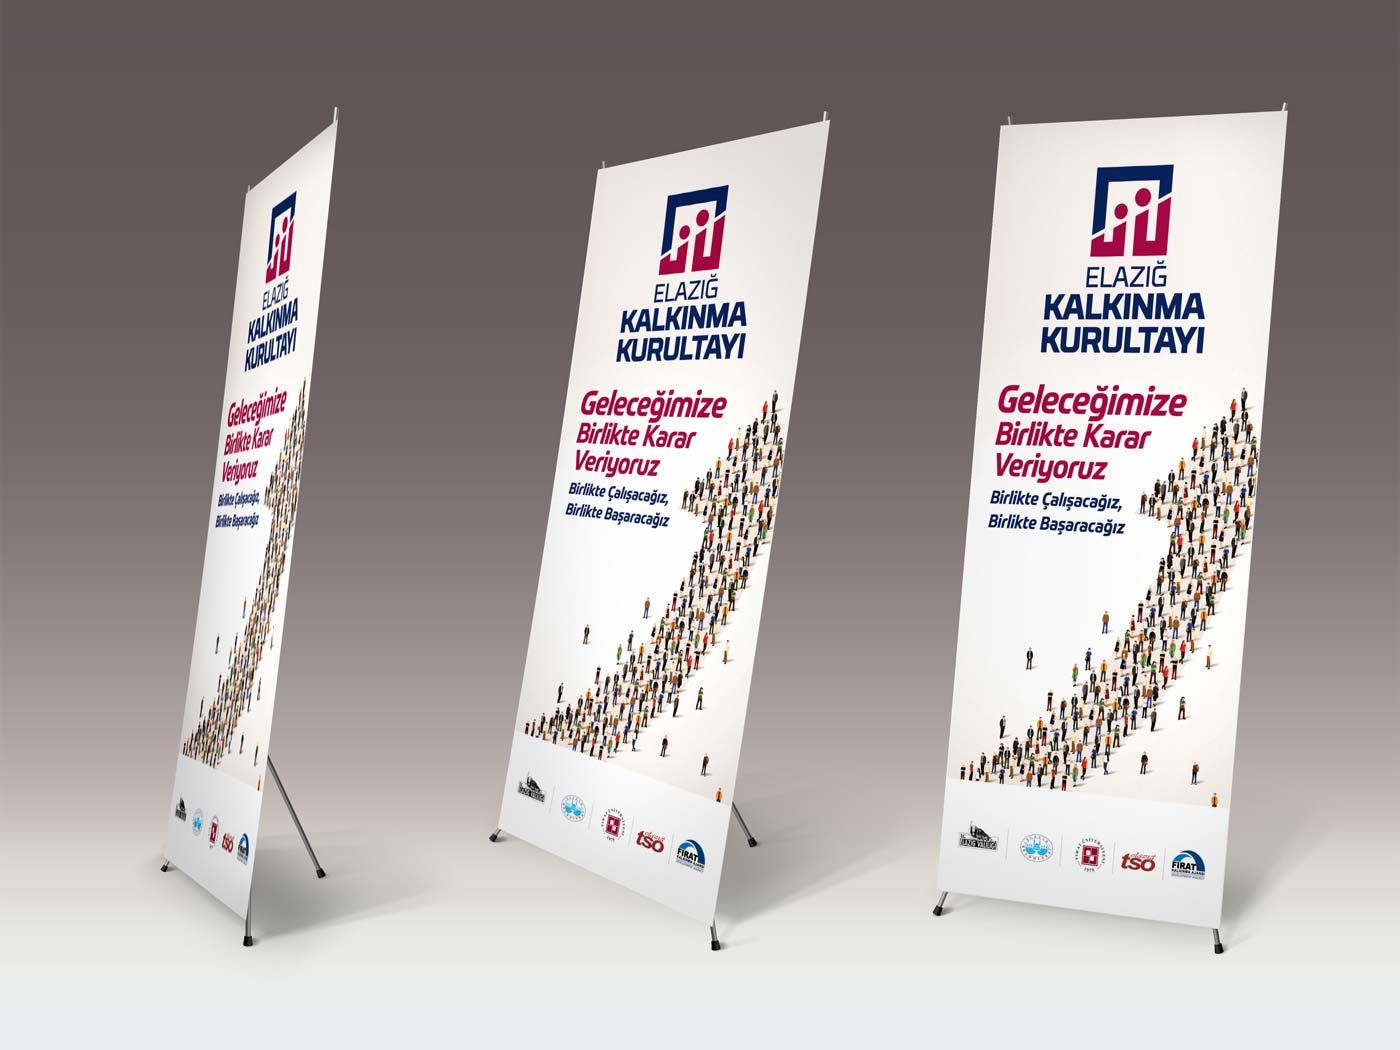 elazig-kalkinma-kurultayi-rollup-banner